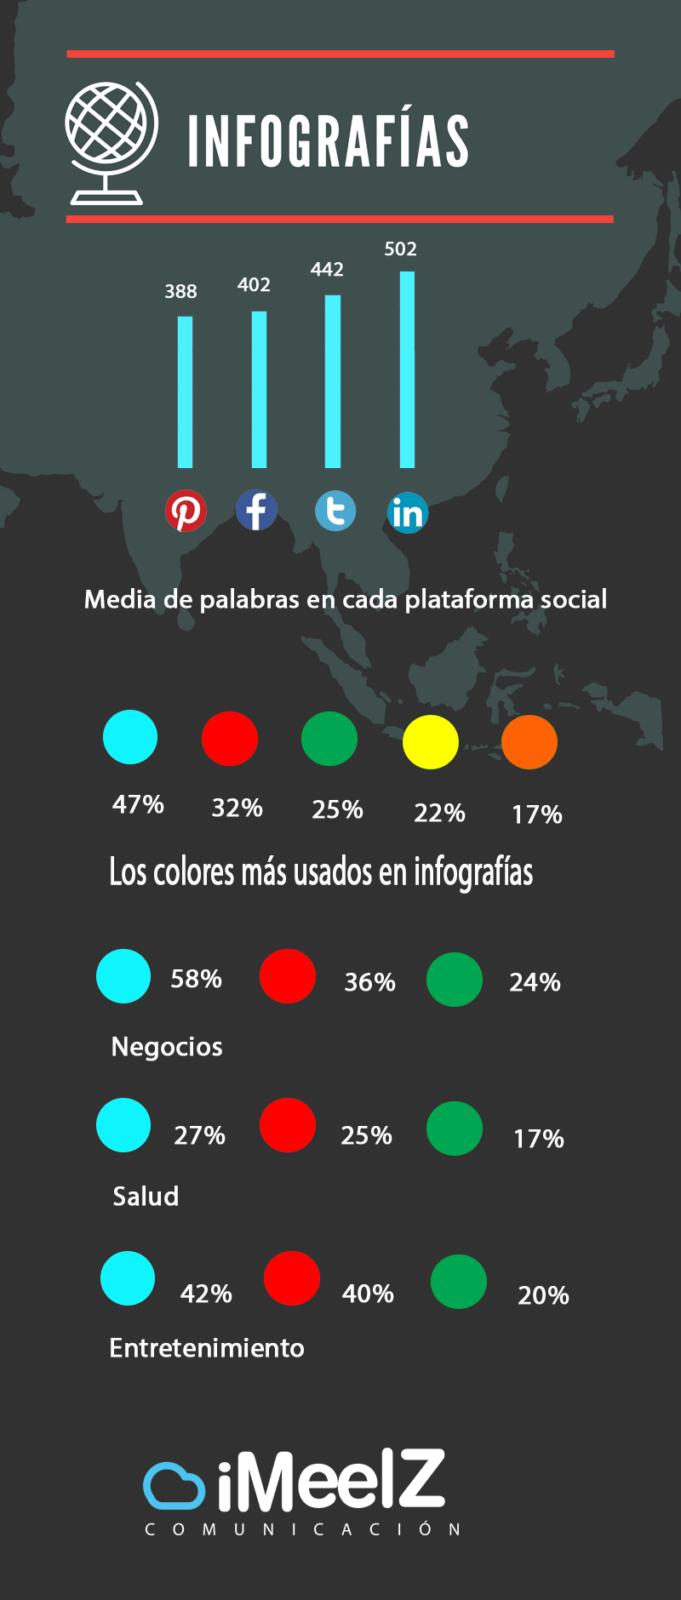 Ventajas uso infografías 2 iMeelZ - Infografías: Crea contenido viral para tu empresa